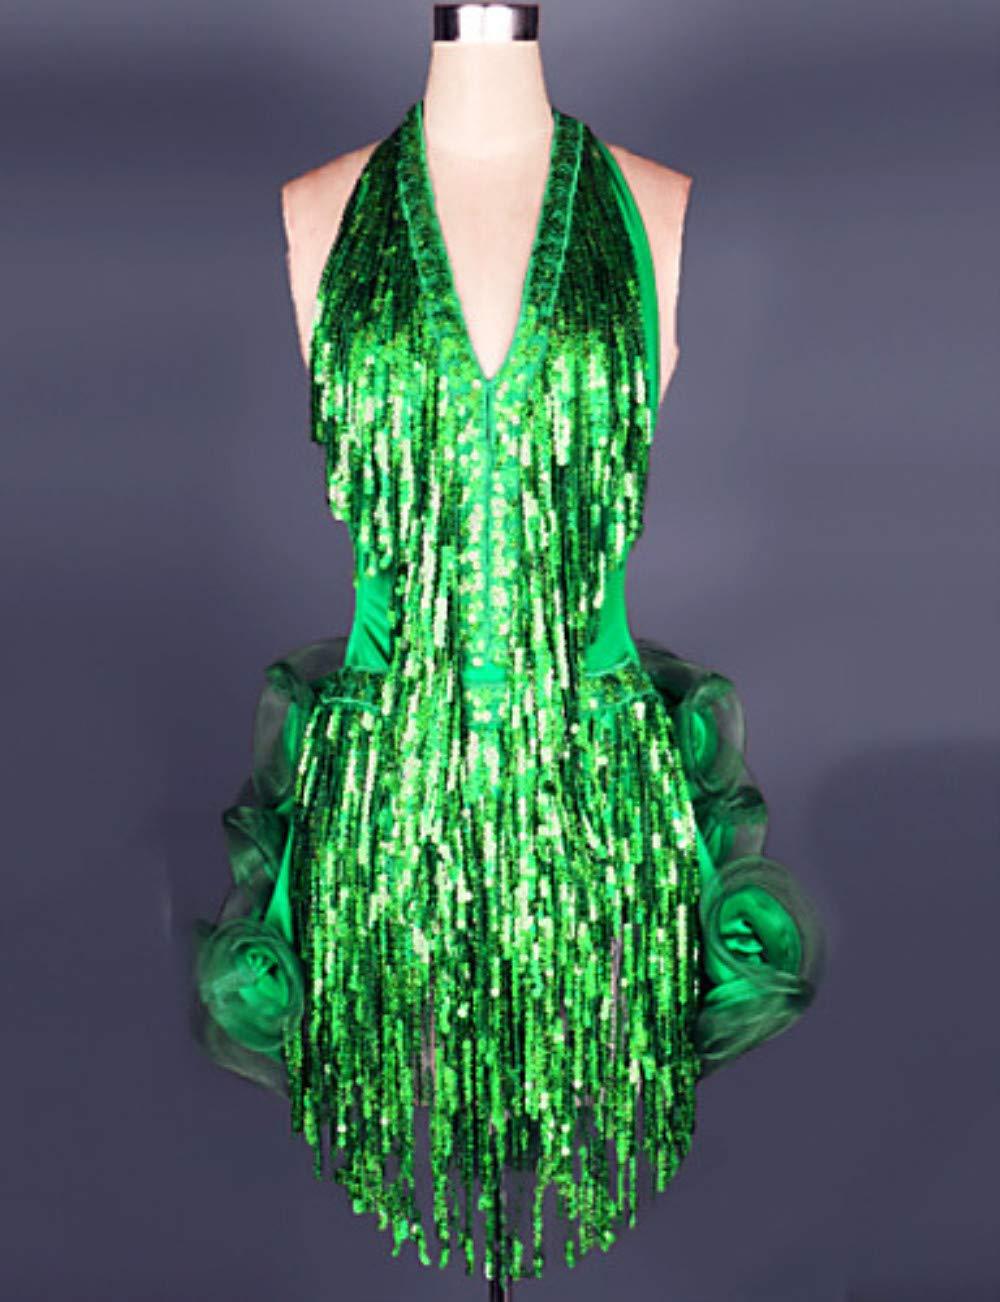 輝く高品質な ラテンダンスドレス Green & スカート女性のトレーニングパフォーマンススパンデックススパンコールシャーリングタッセルノースリーブドレスサンバ Medium|Green B07PCPBV2P Medium|Green Green & Medium, 悠彩堂:4e459309 --- a0267596.xsph.ru